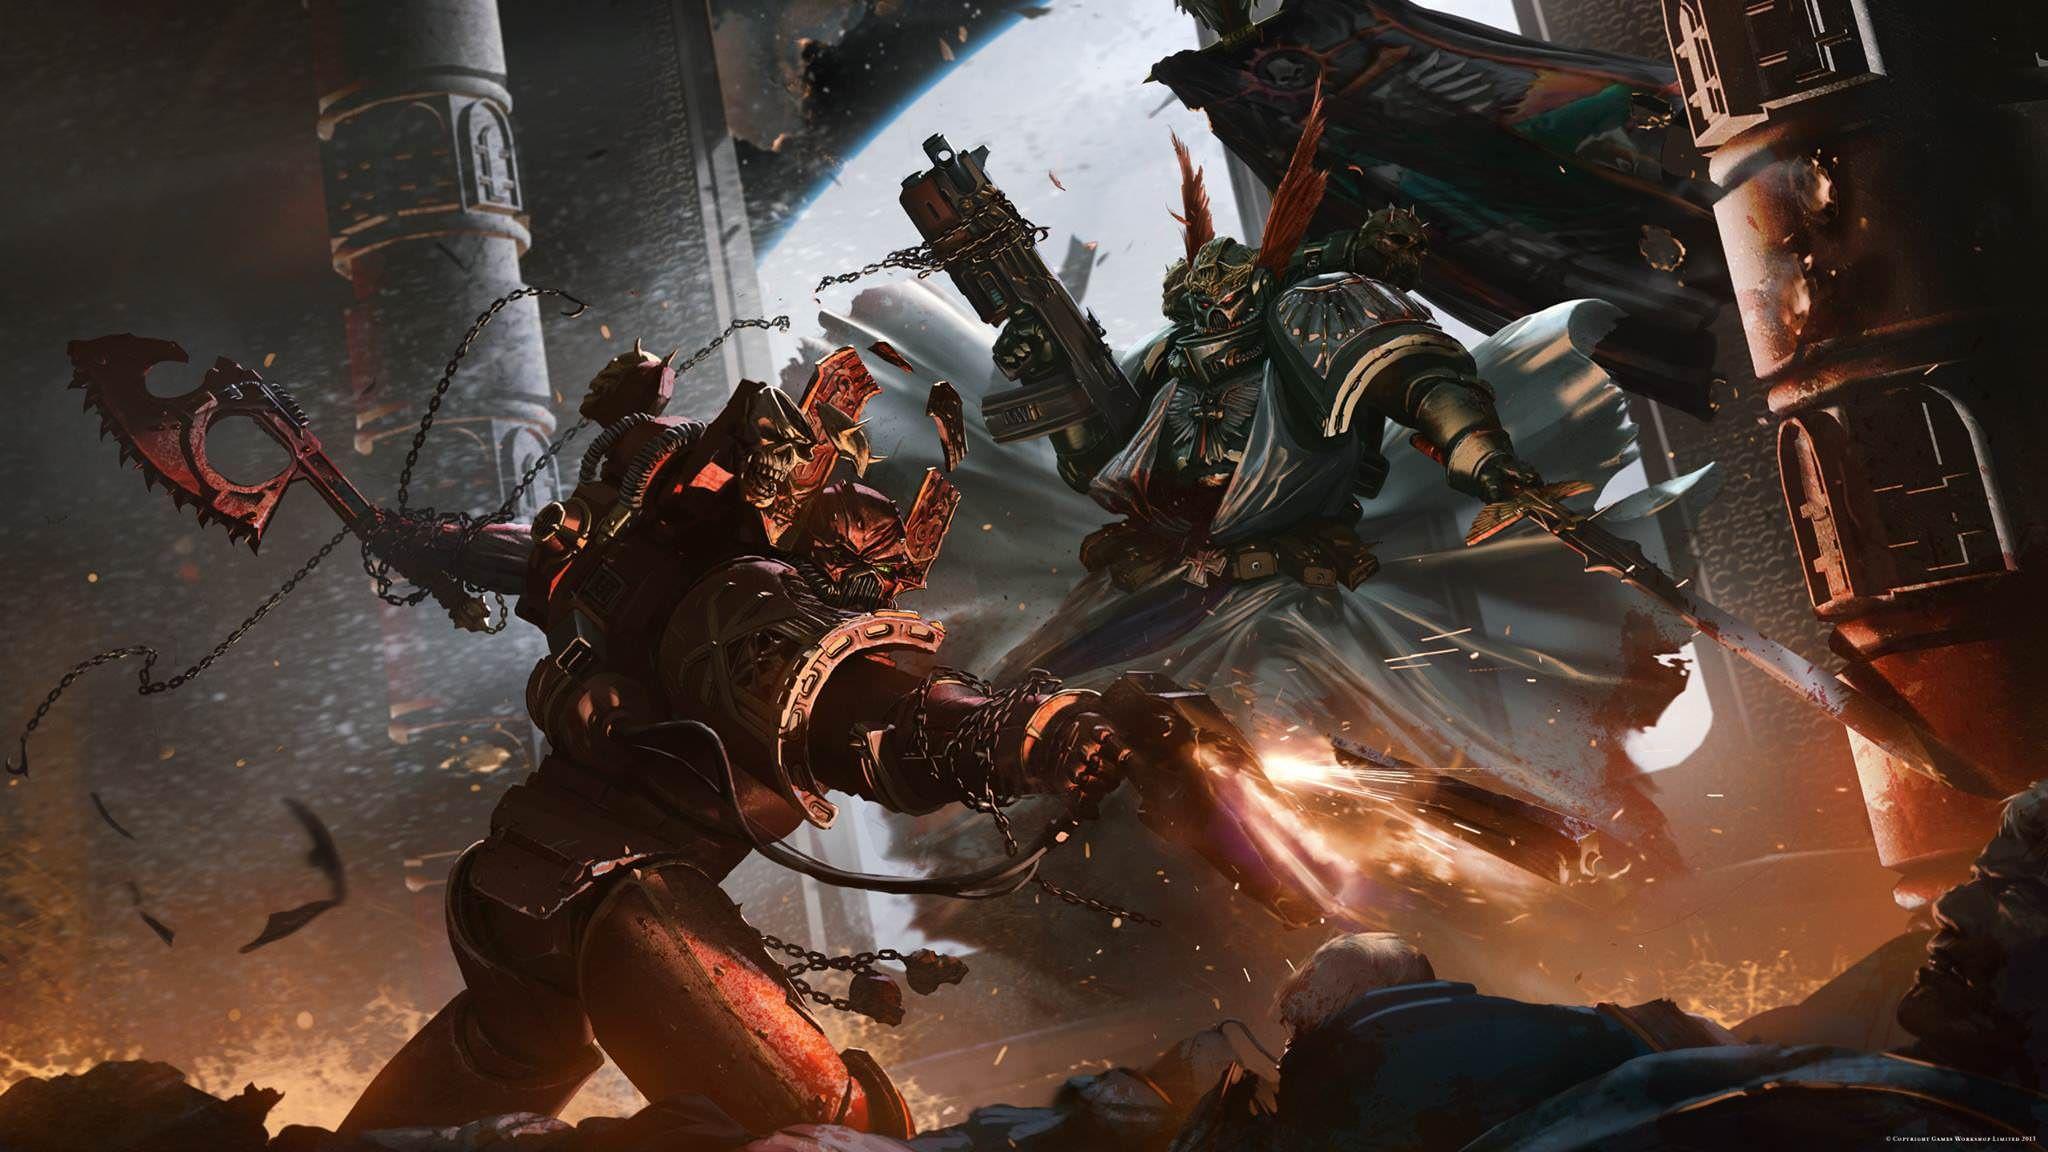 Warhammer 40k Wallpaper Dump Warhammer Dark Angel Warhammer 40k